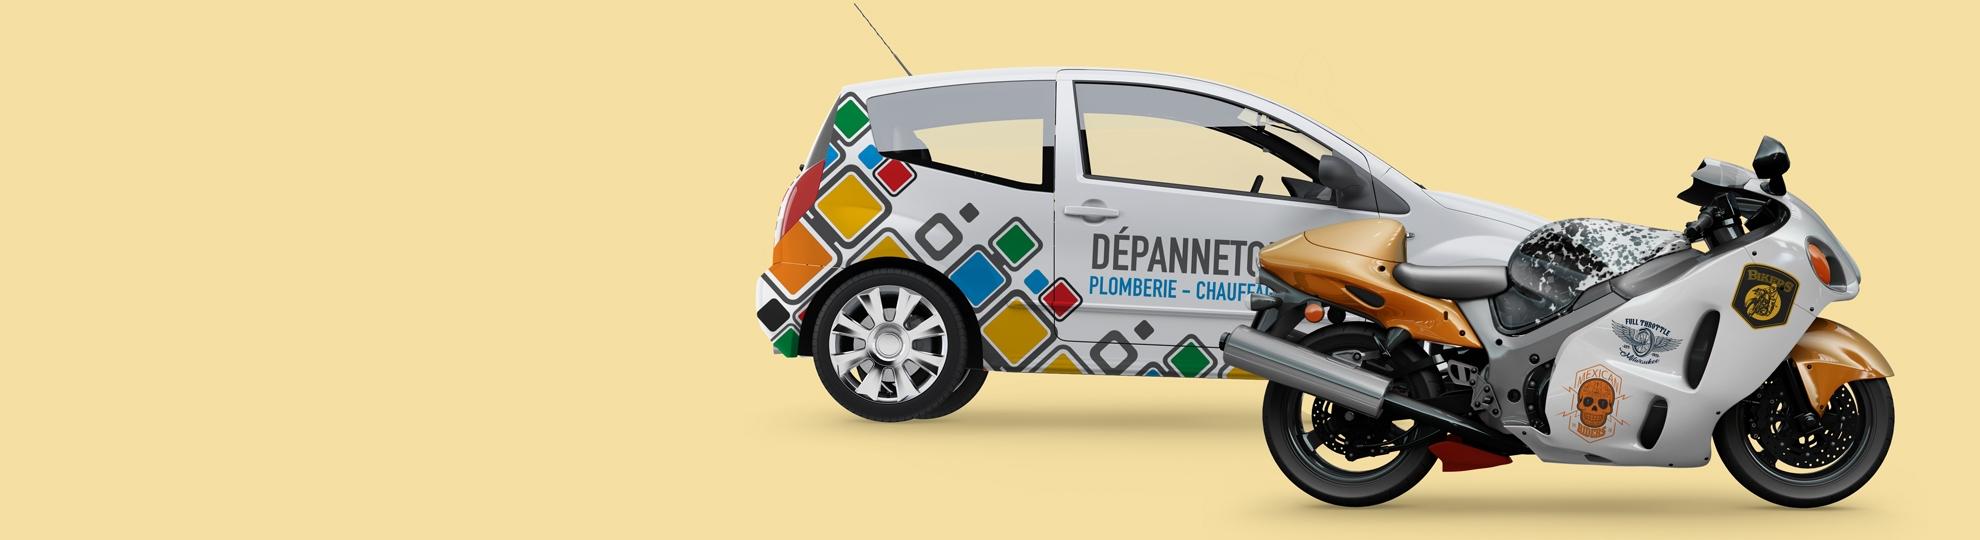 Impression pour véhicules avec stickers voiture et moto